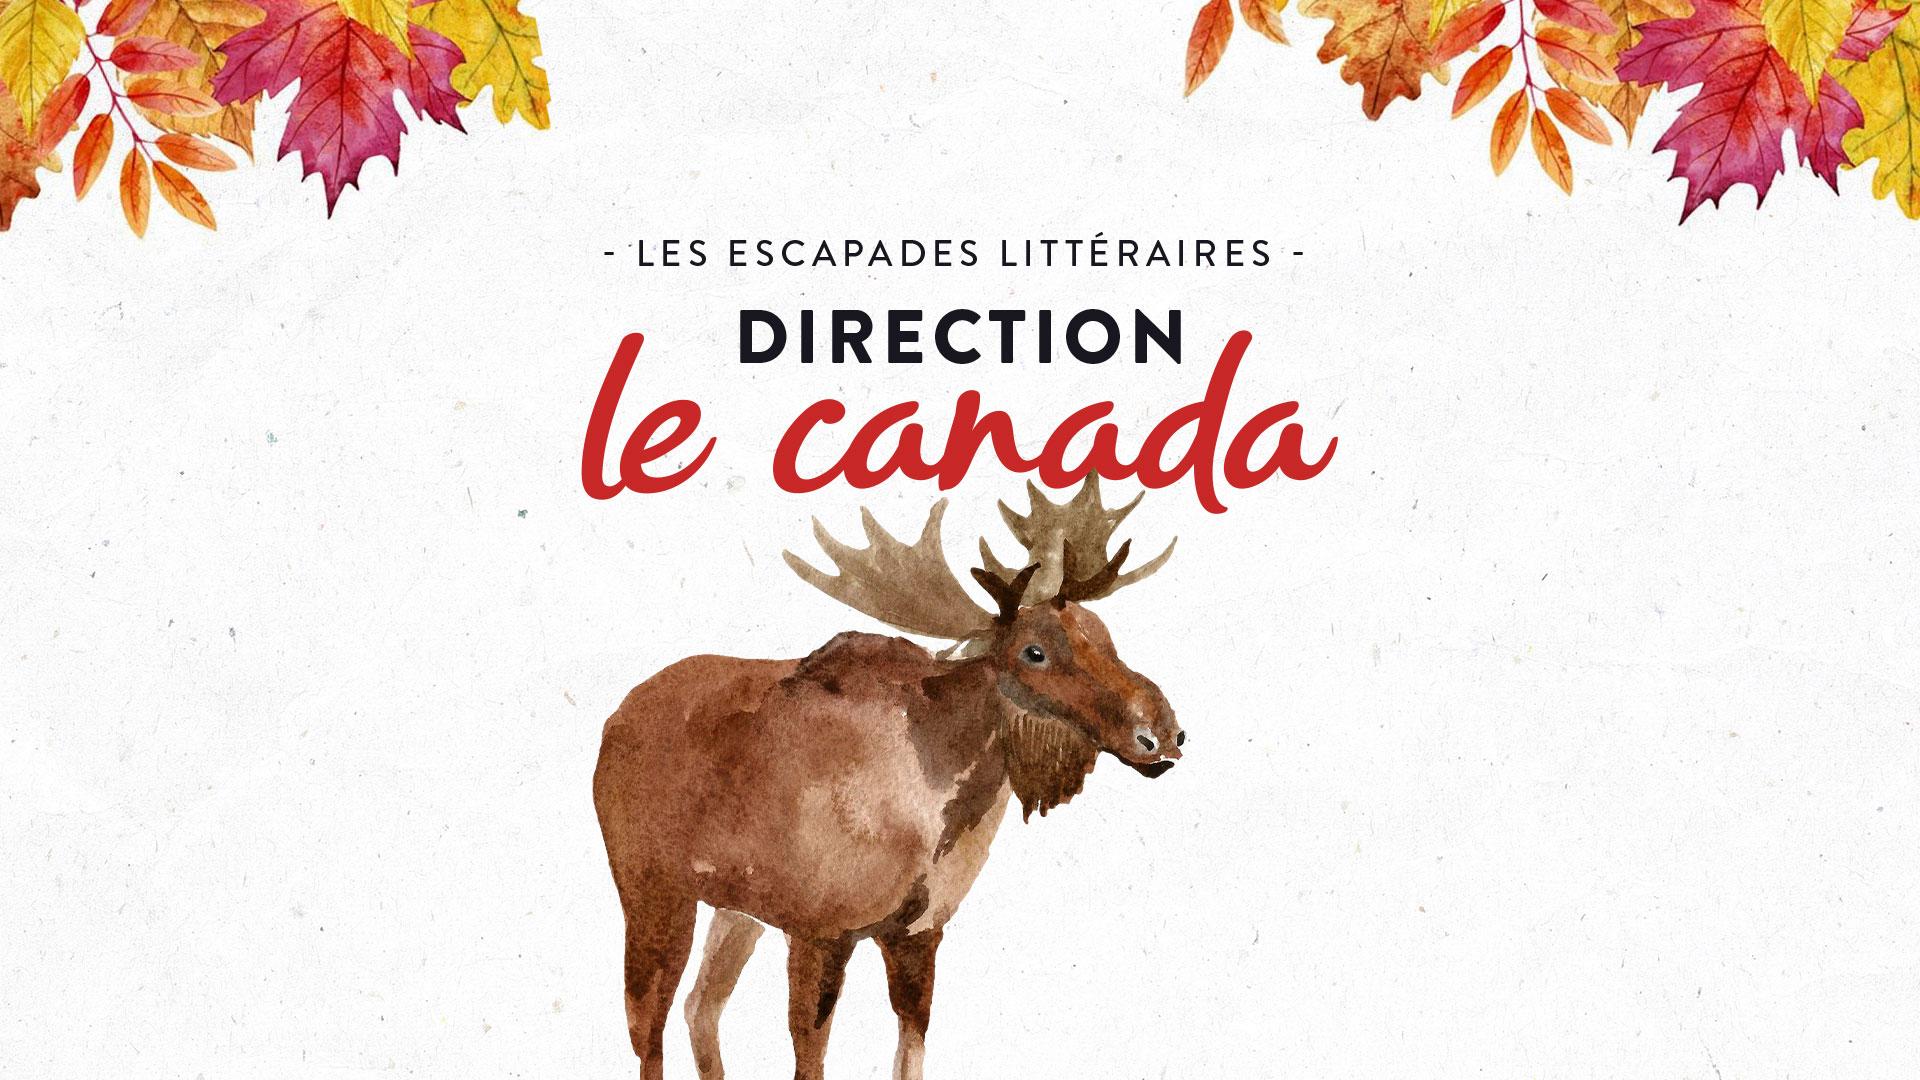 Les escapades littéraires le canada